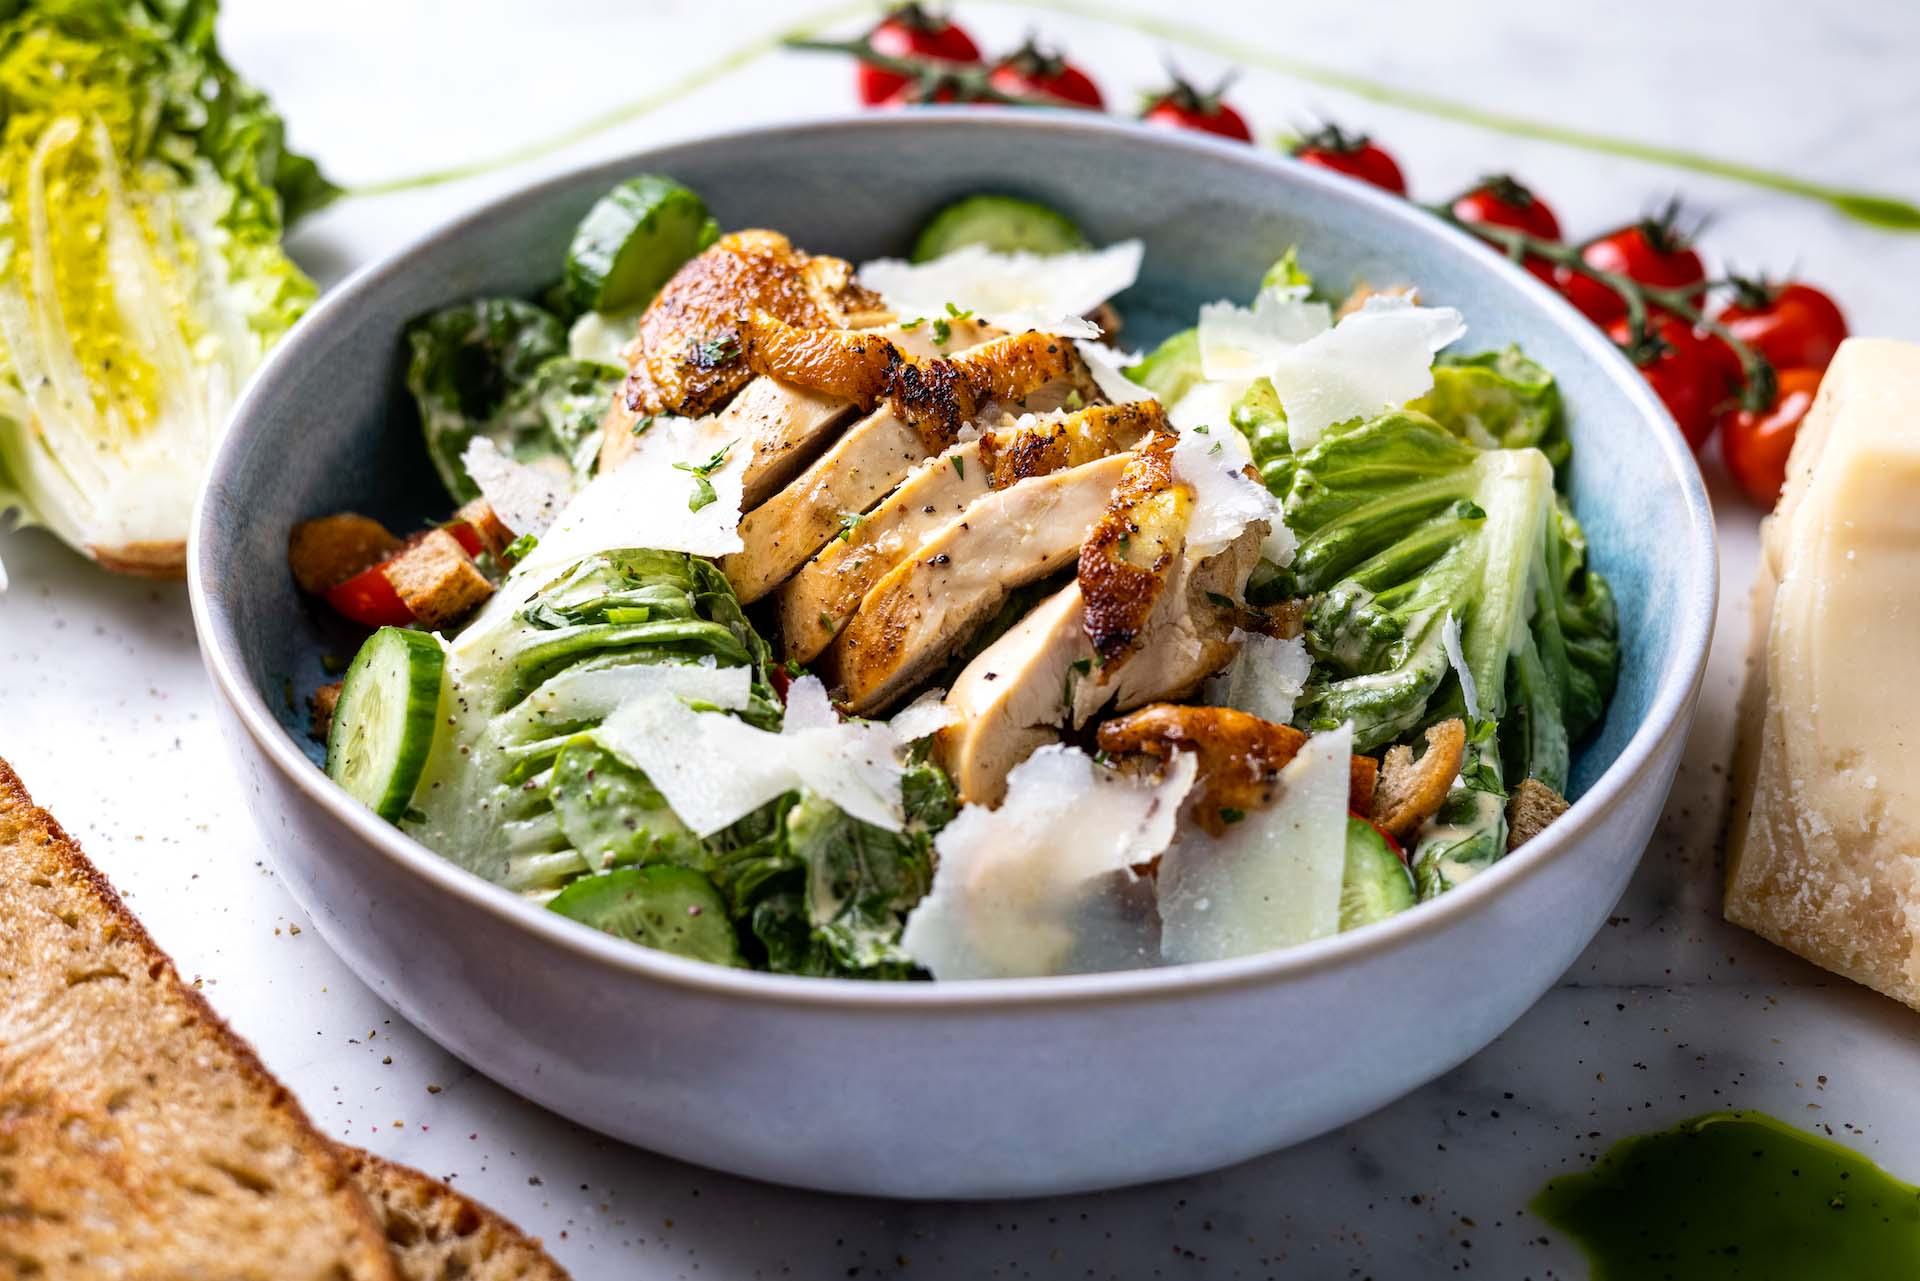 Chinaski Caesar Salad